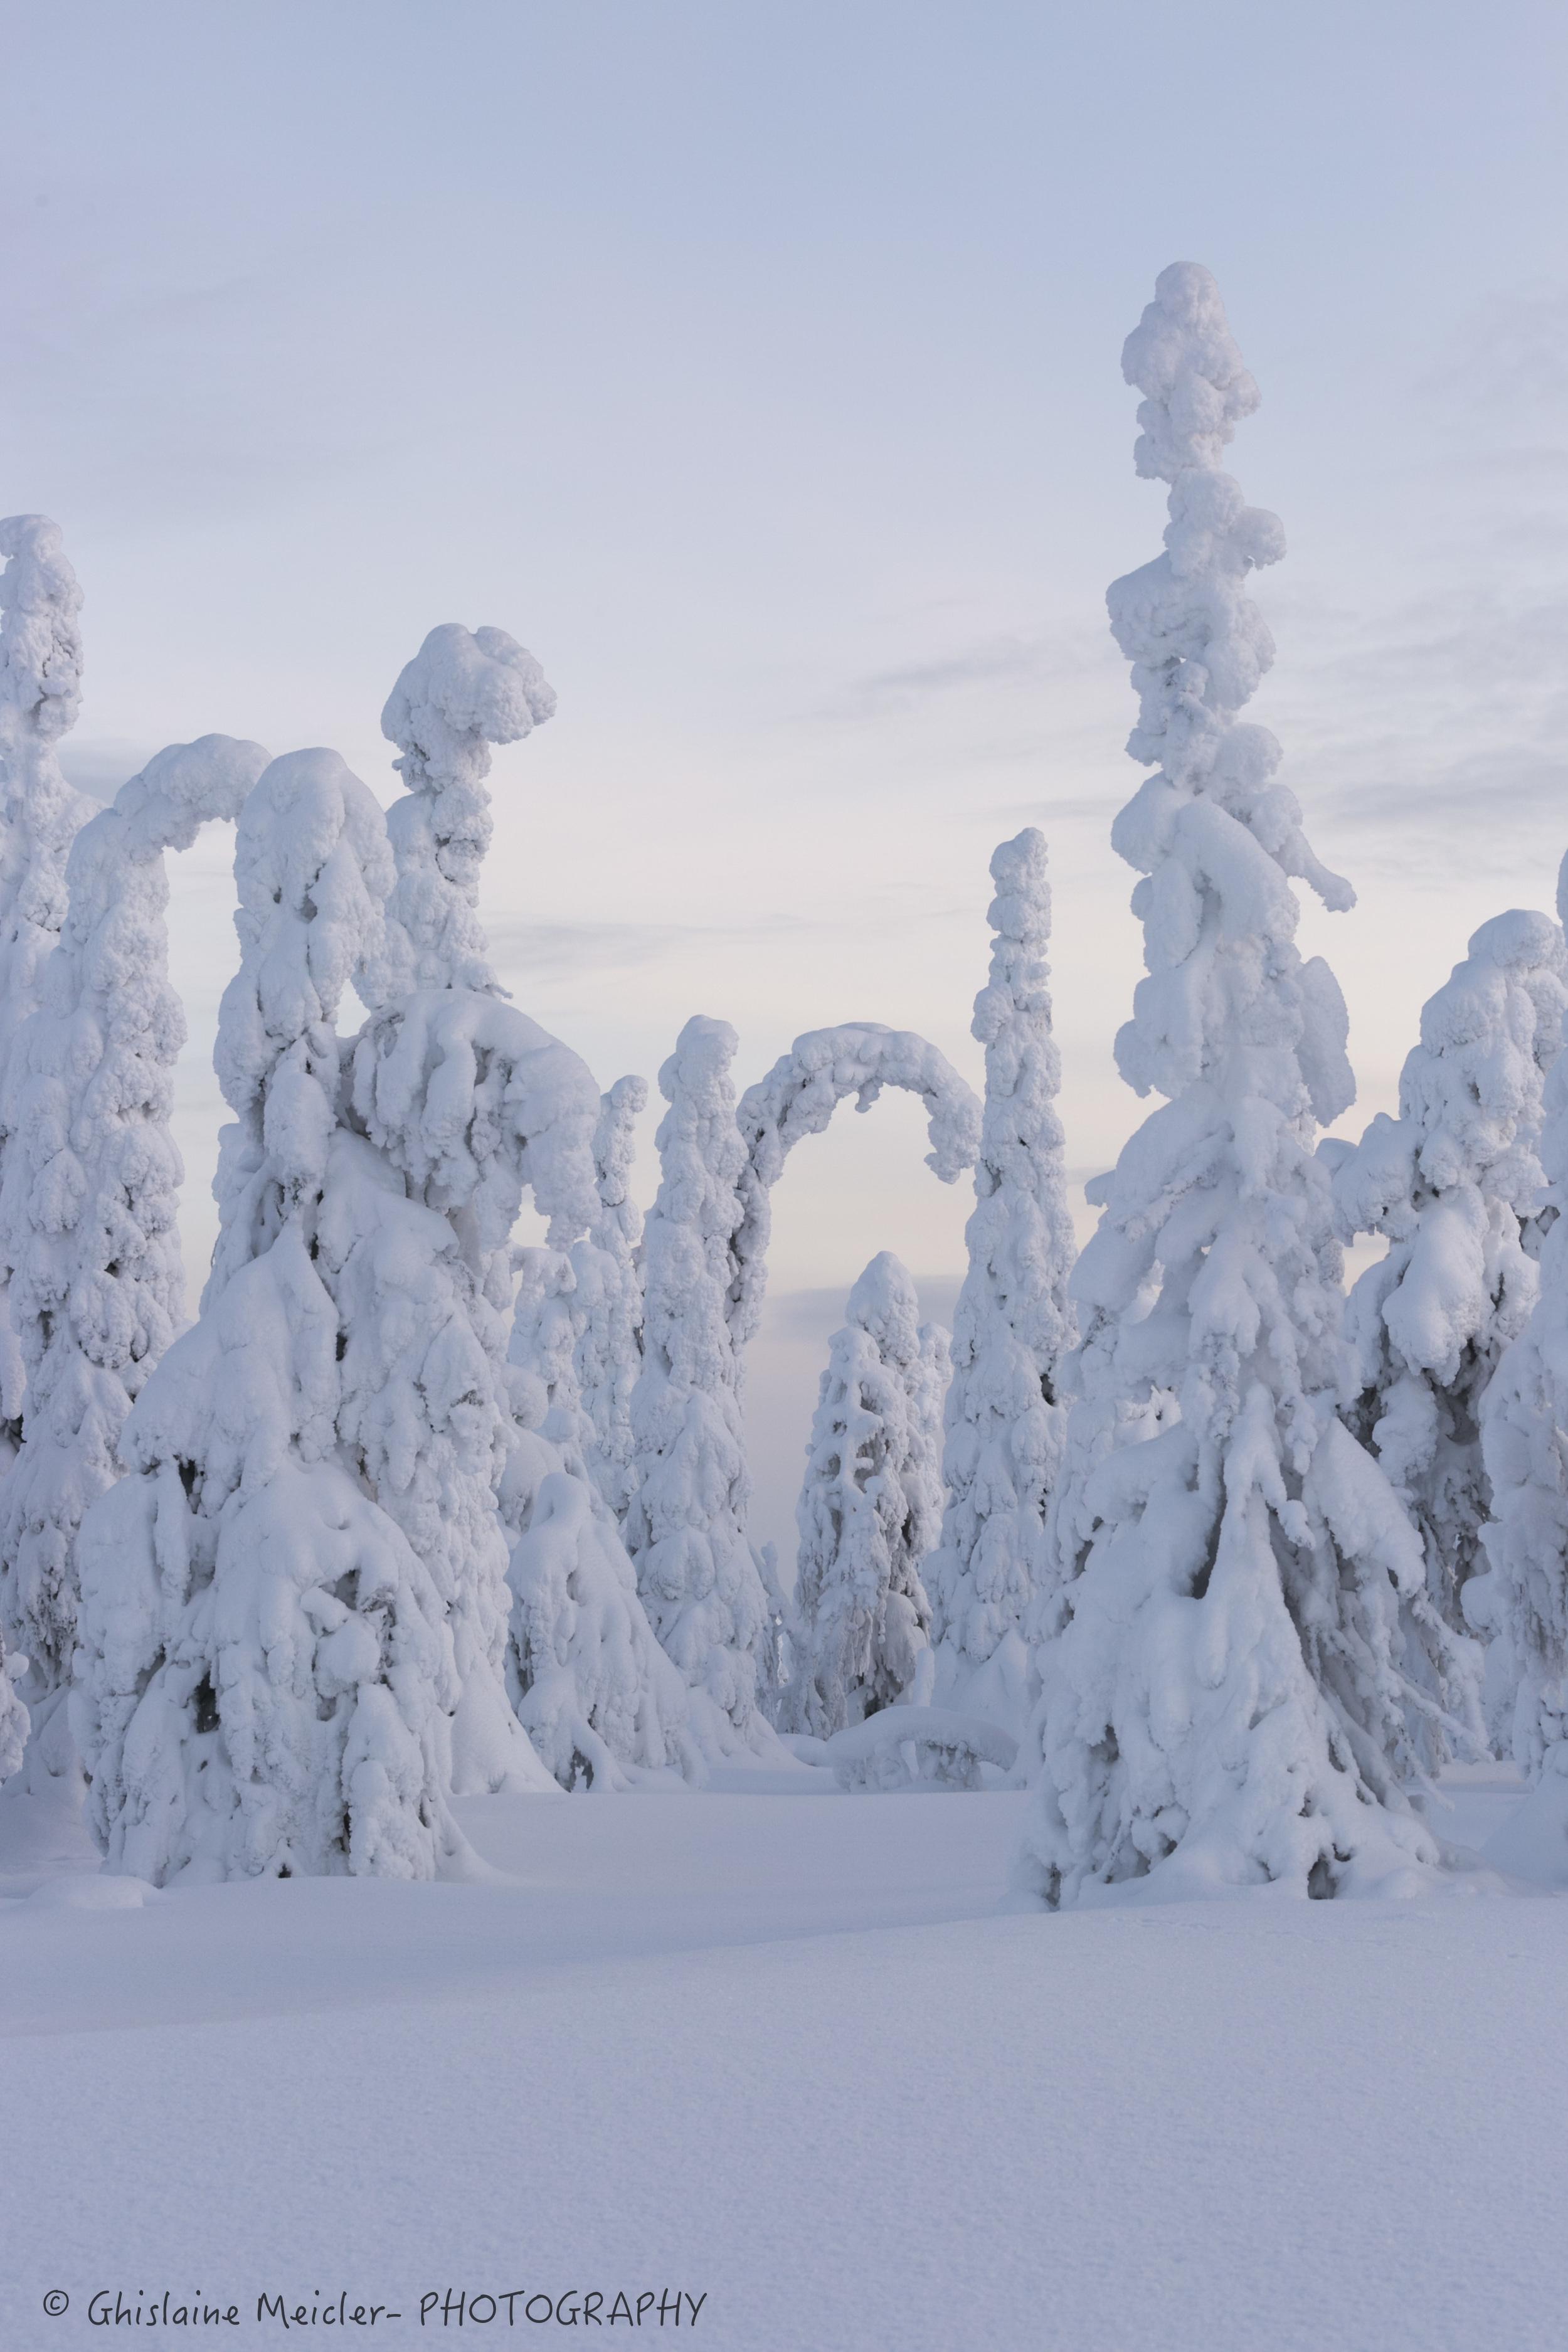 Finlande-32-4.jpg